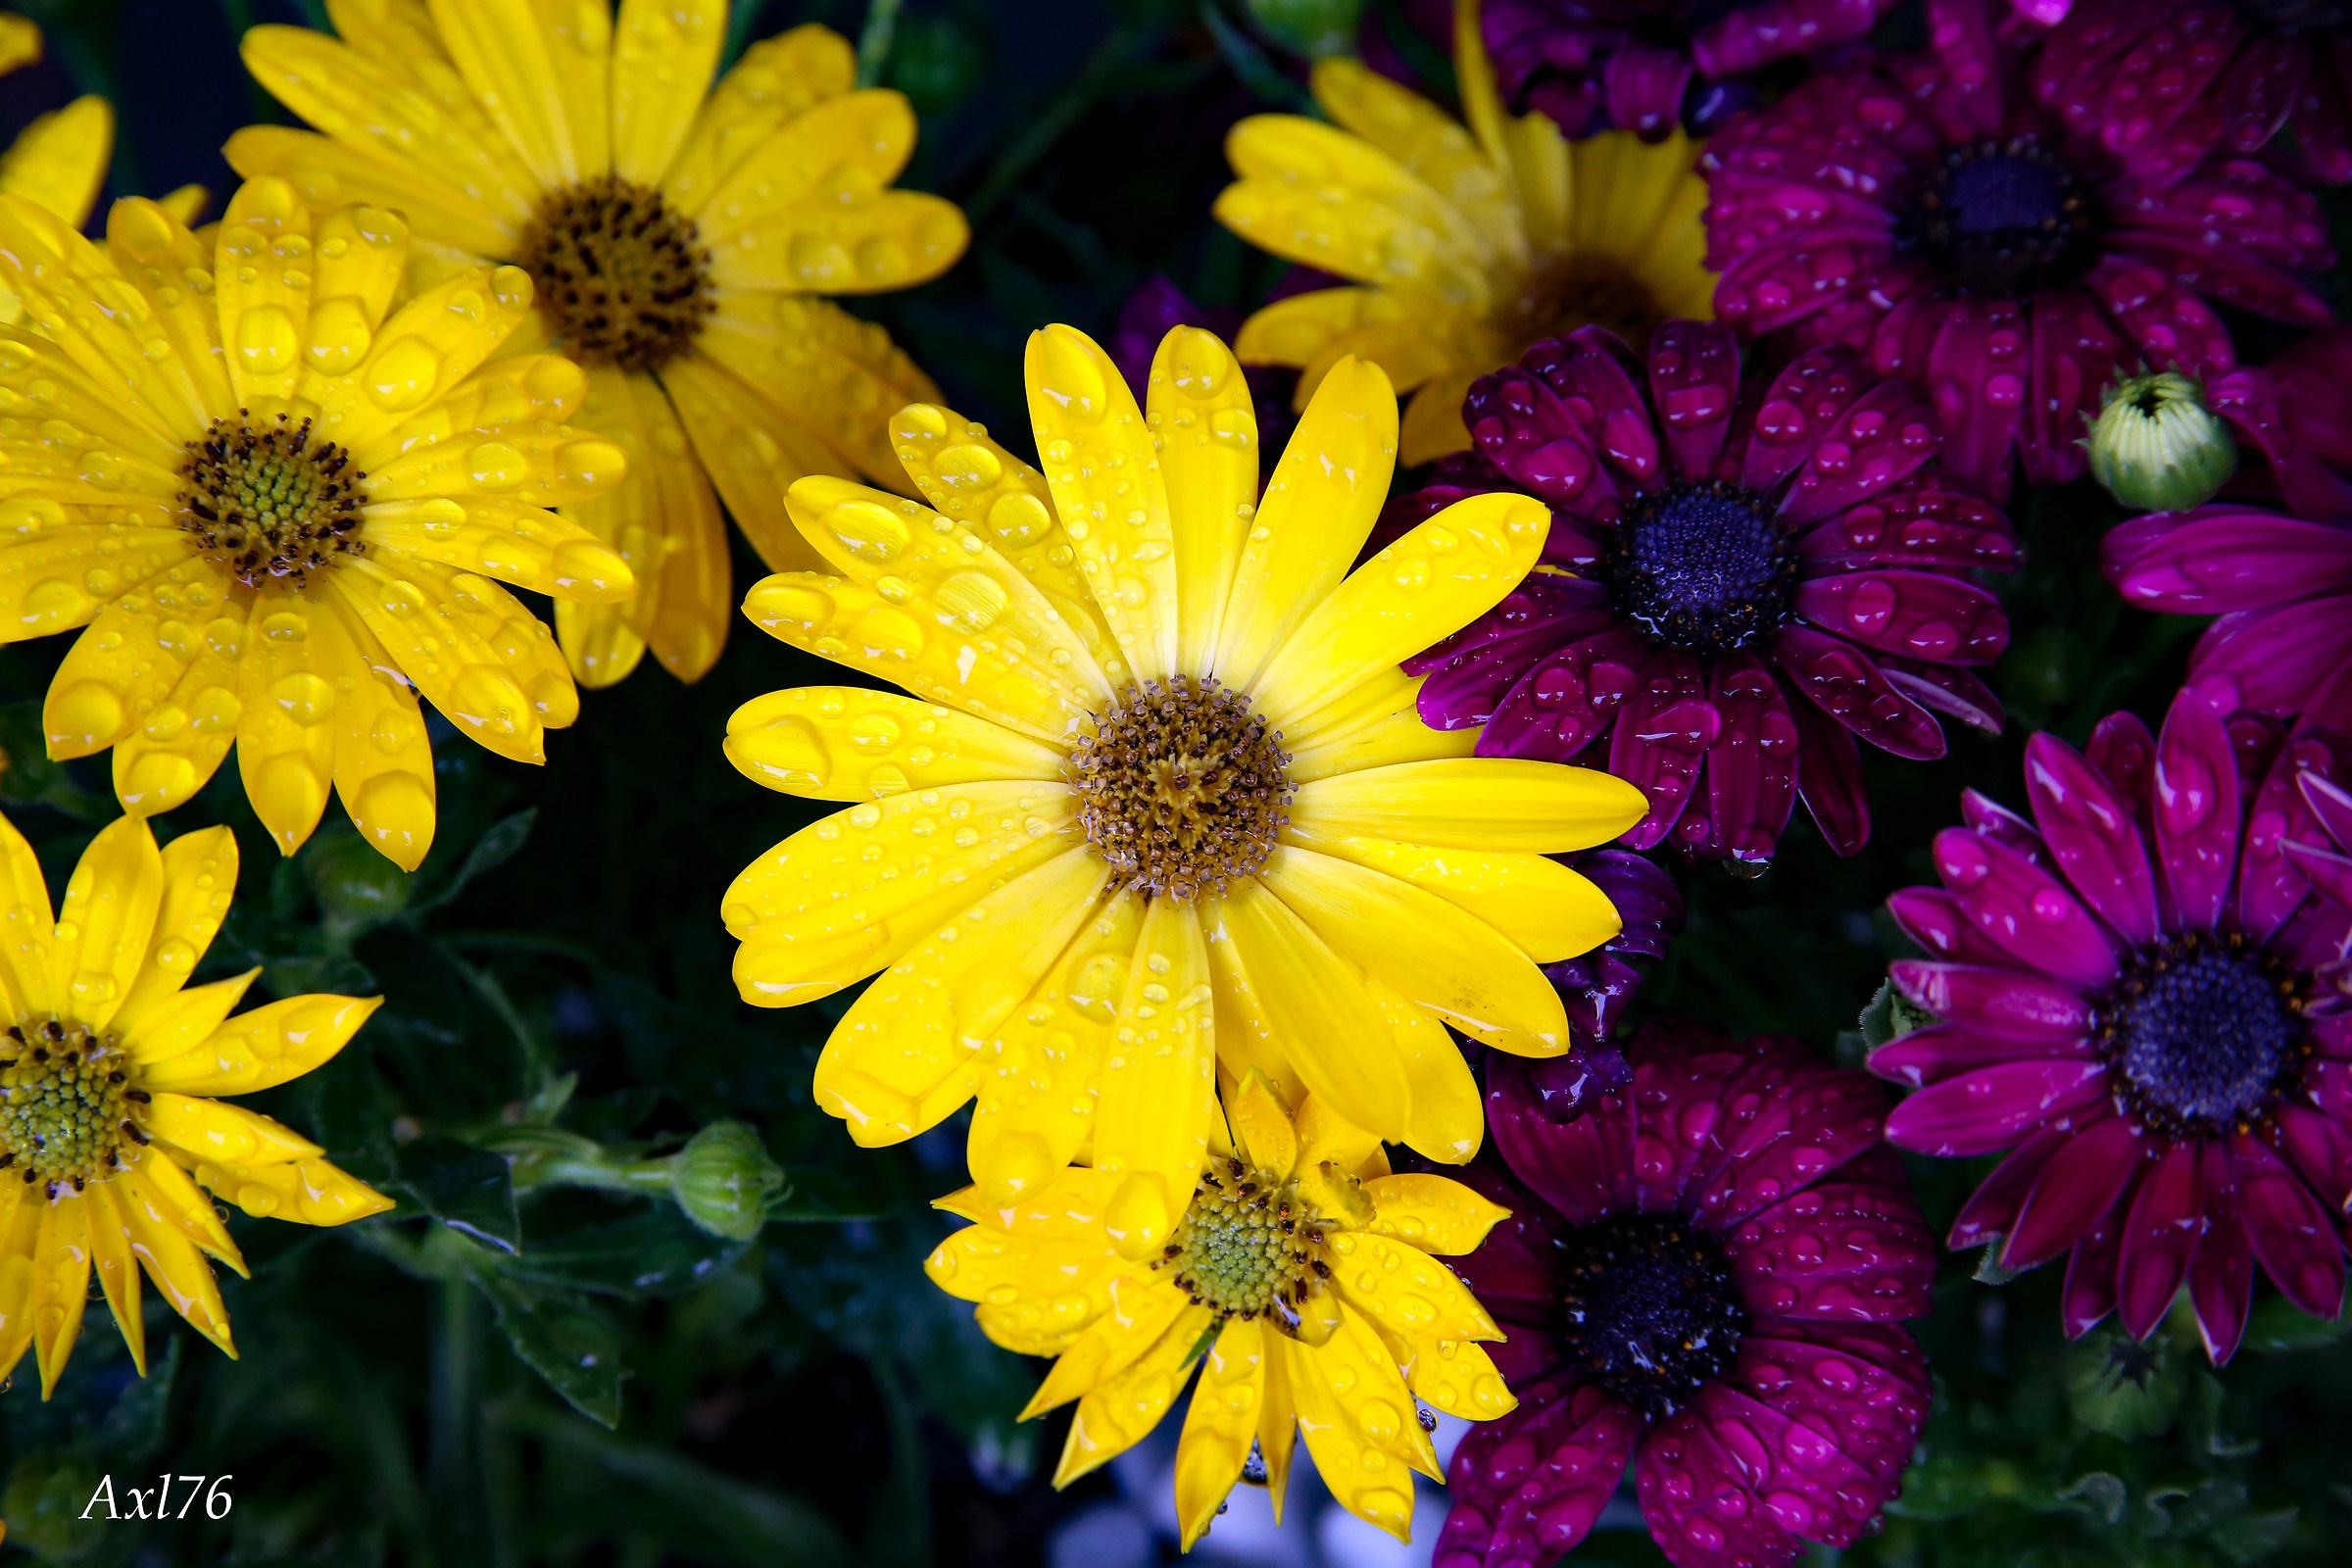 La primavera nei colori...